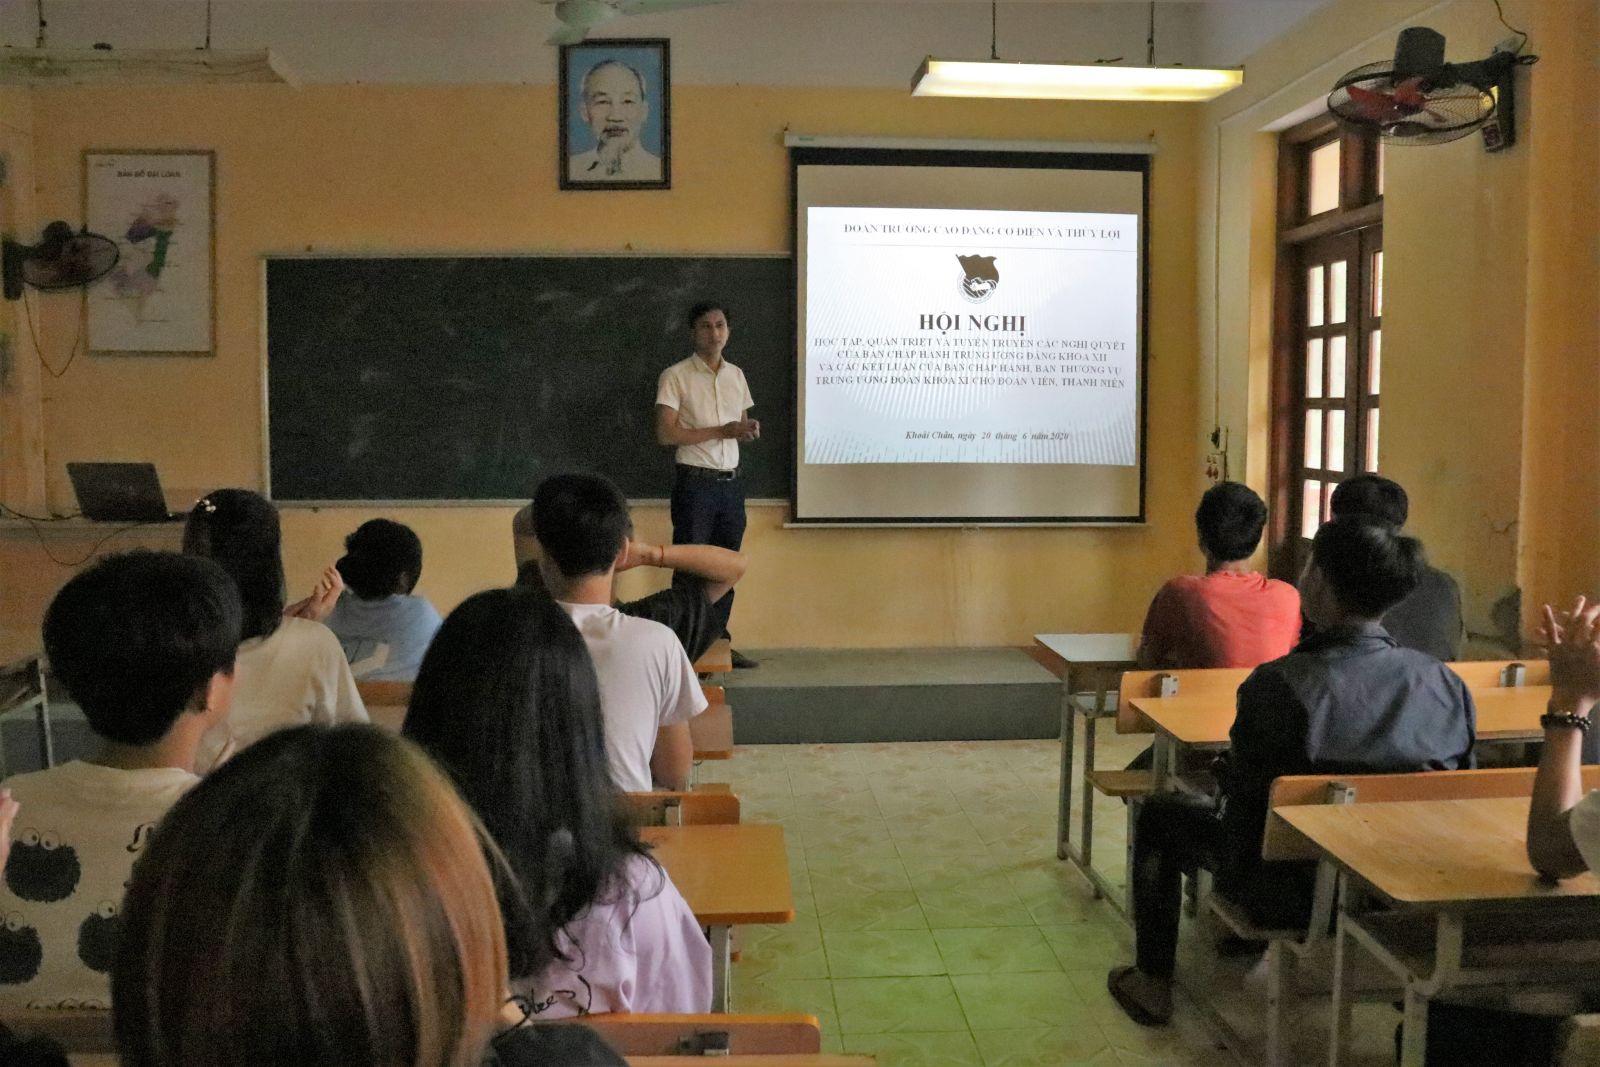 Đoàn trường Cao đẳng Cơ điện Thủy lợi tổ chức Hội nghị tuyên truyền các Nghị quyết của Đảng, Đoàn